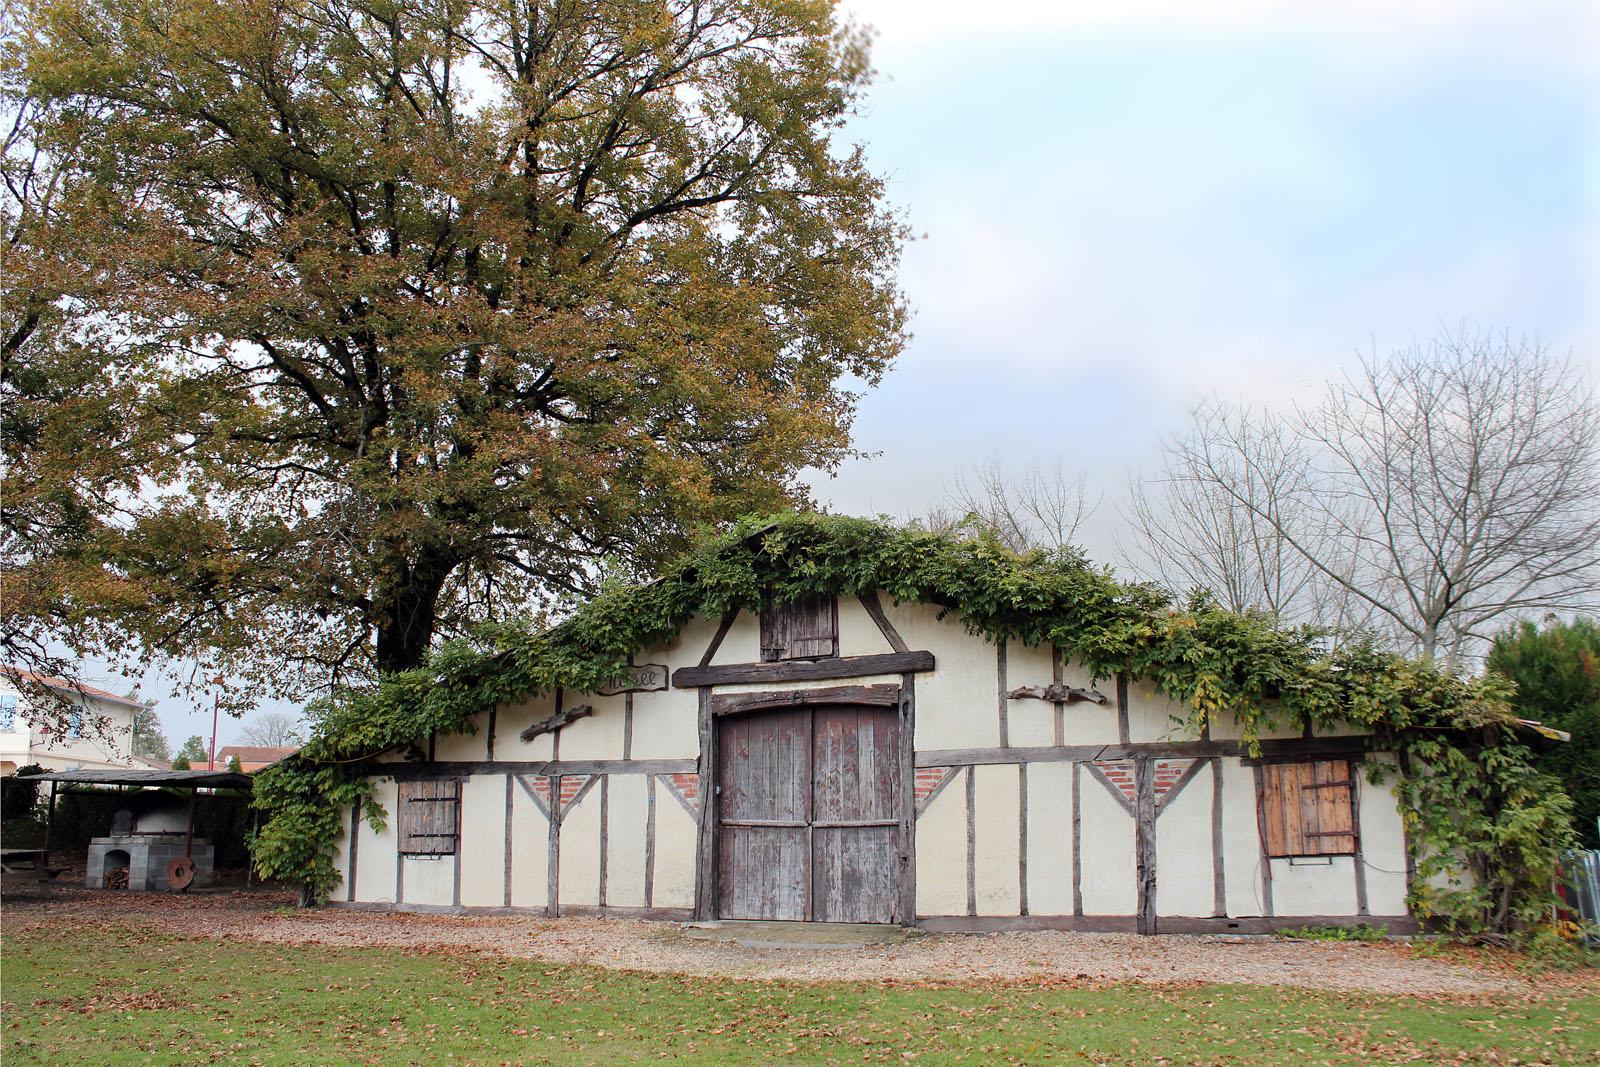 Musée de vieux outils de Misson